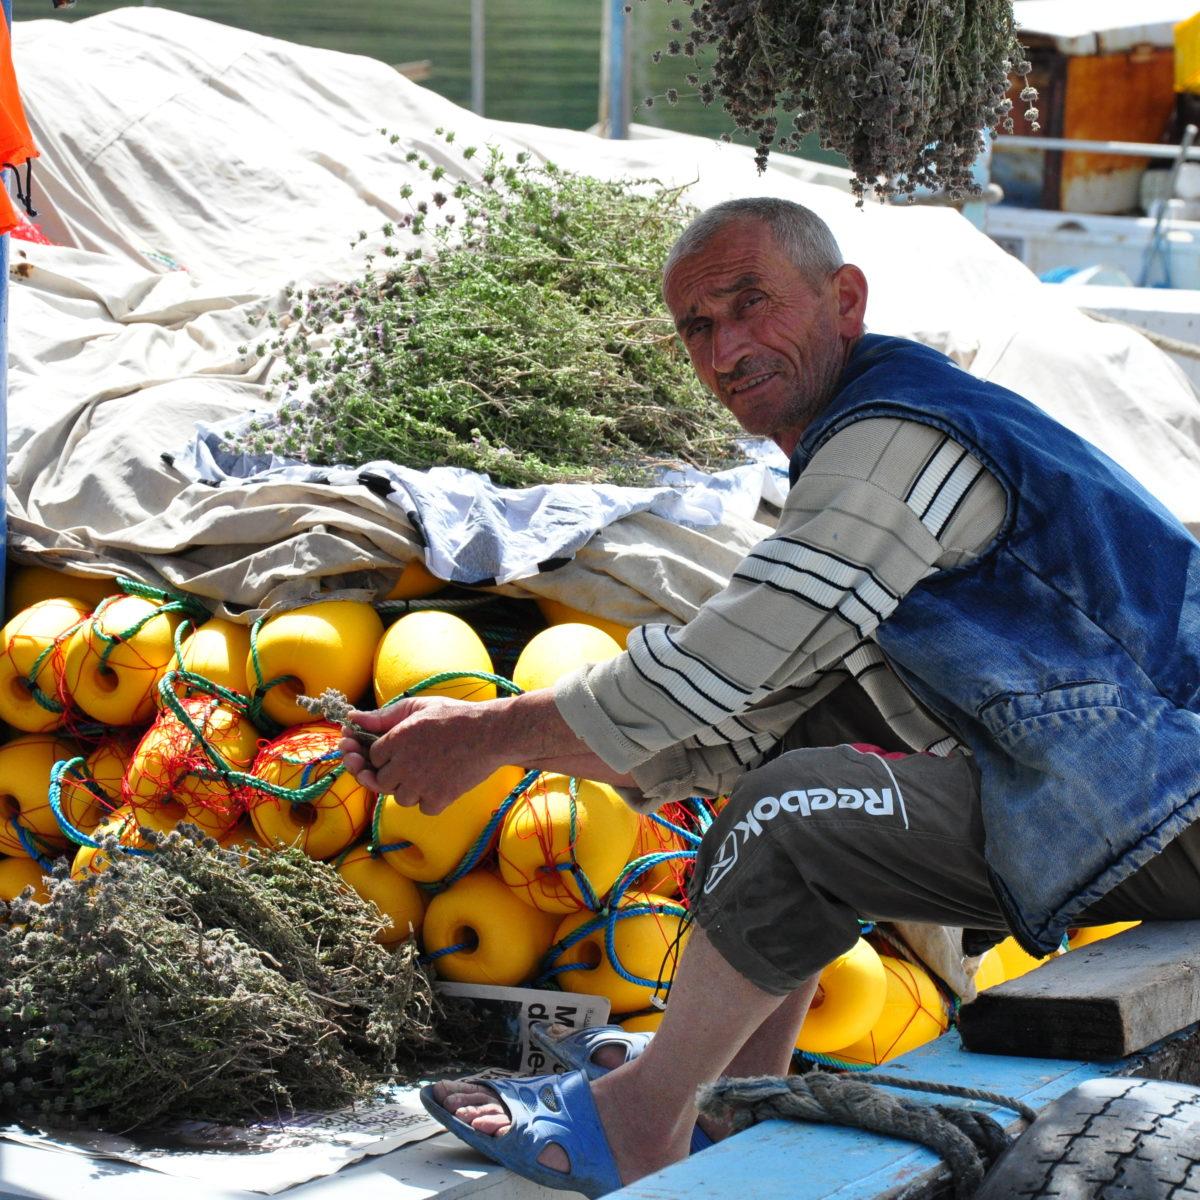 Pêcheur avec un filet maillant dérivant. Datça, Turquie. Crédit photo : Oceana Europe - Maria Jose Cornax